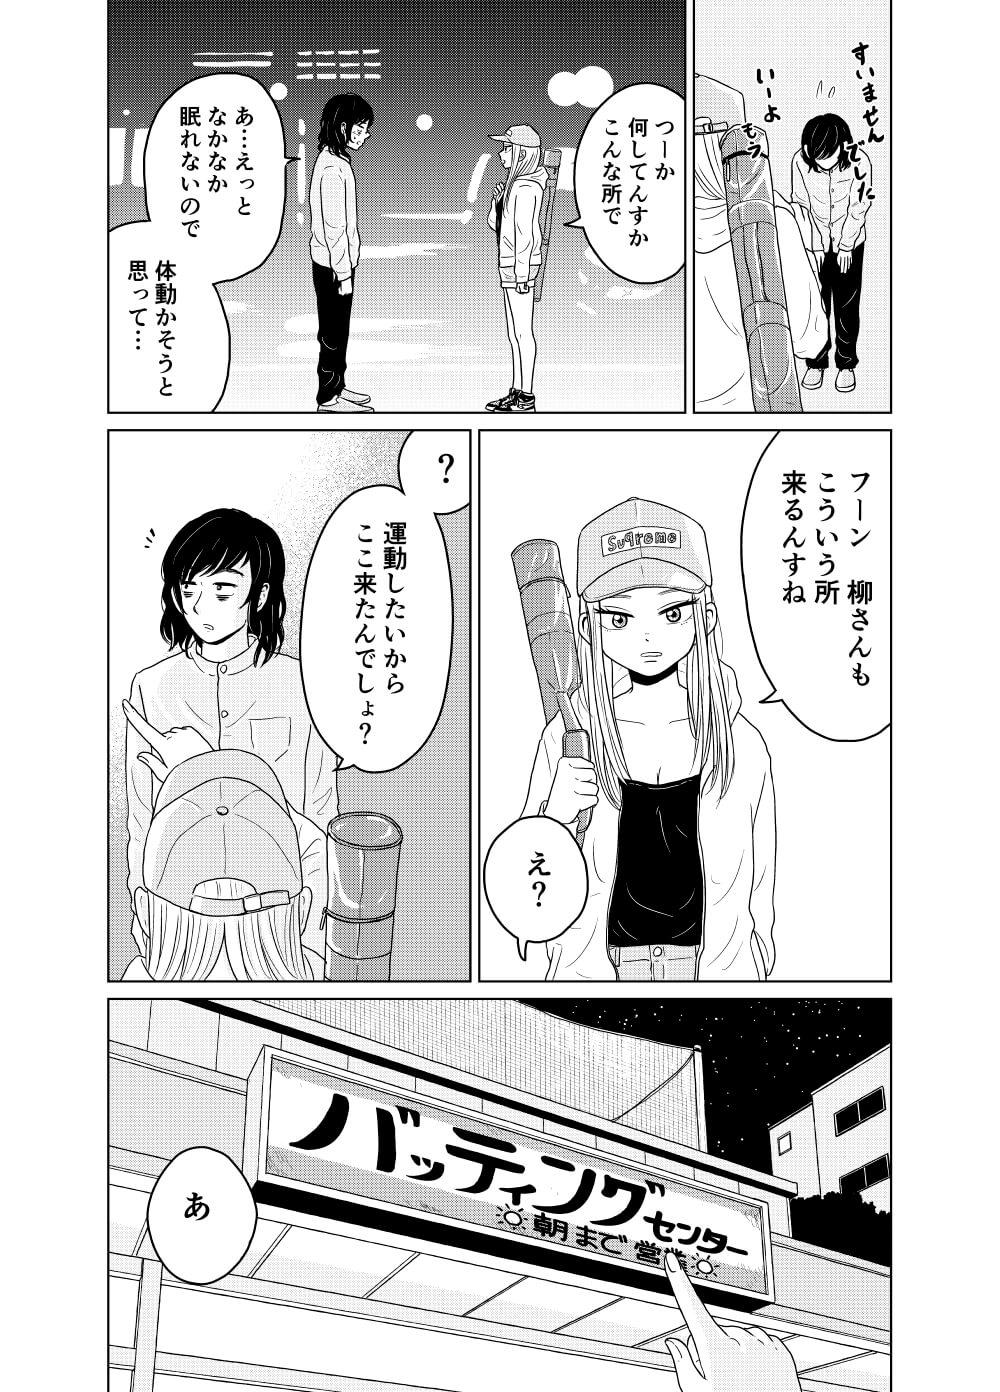 眠れぬ夜2-1